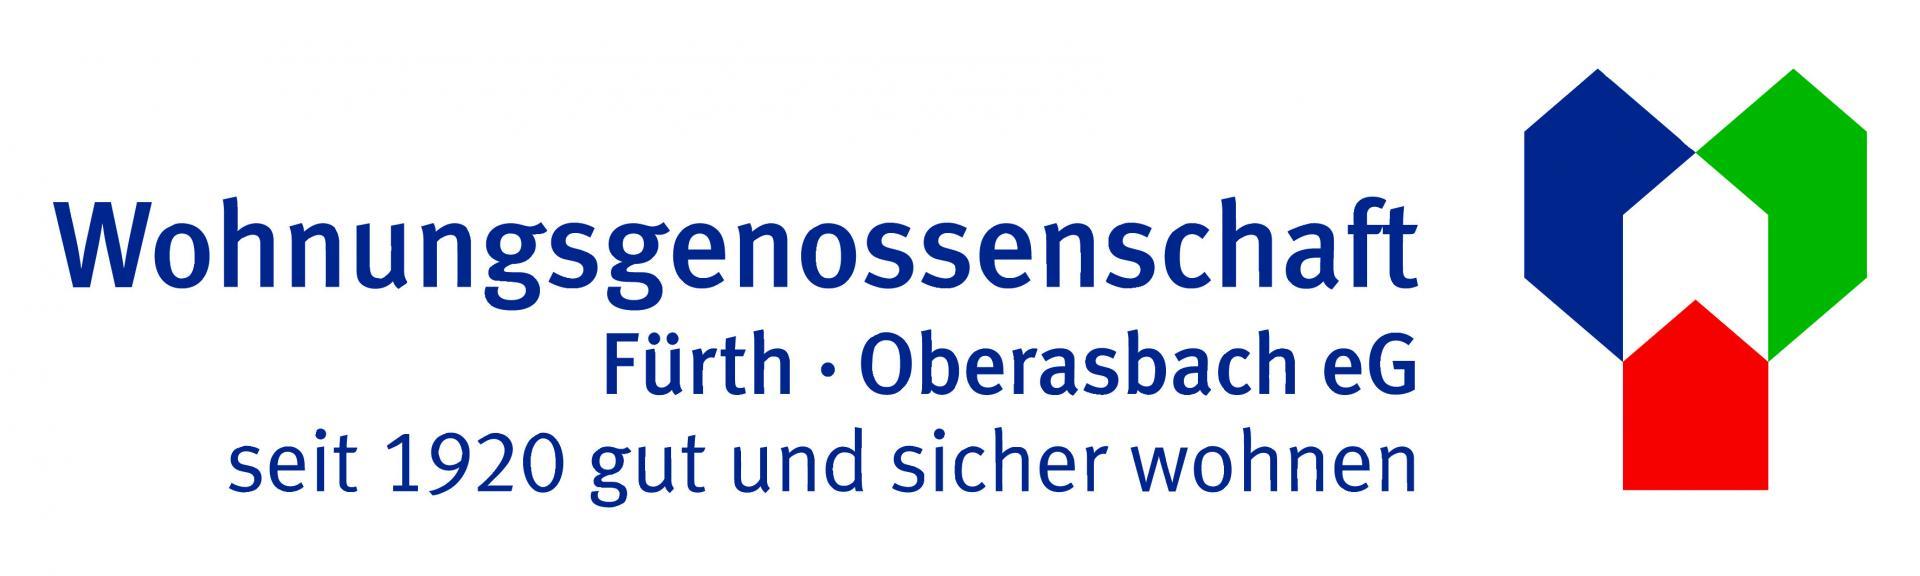 Wohnungsbaugenossenschaft Fürth/Obersbach eG